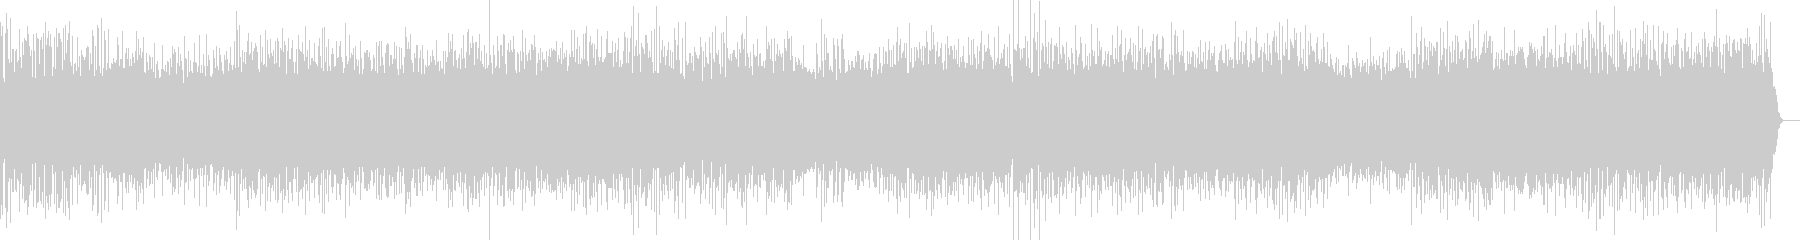 金管楽器をフューチャーしたOP音楽の未再生の波形